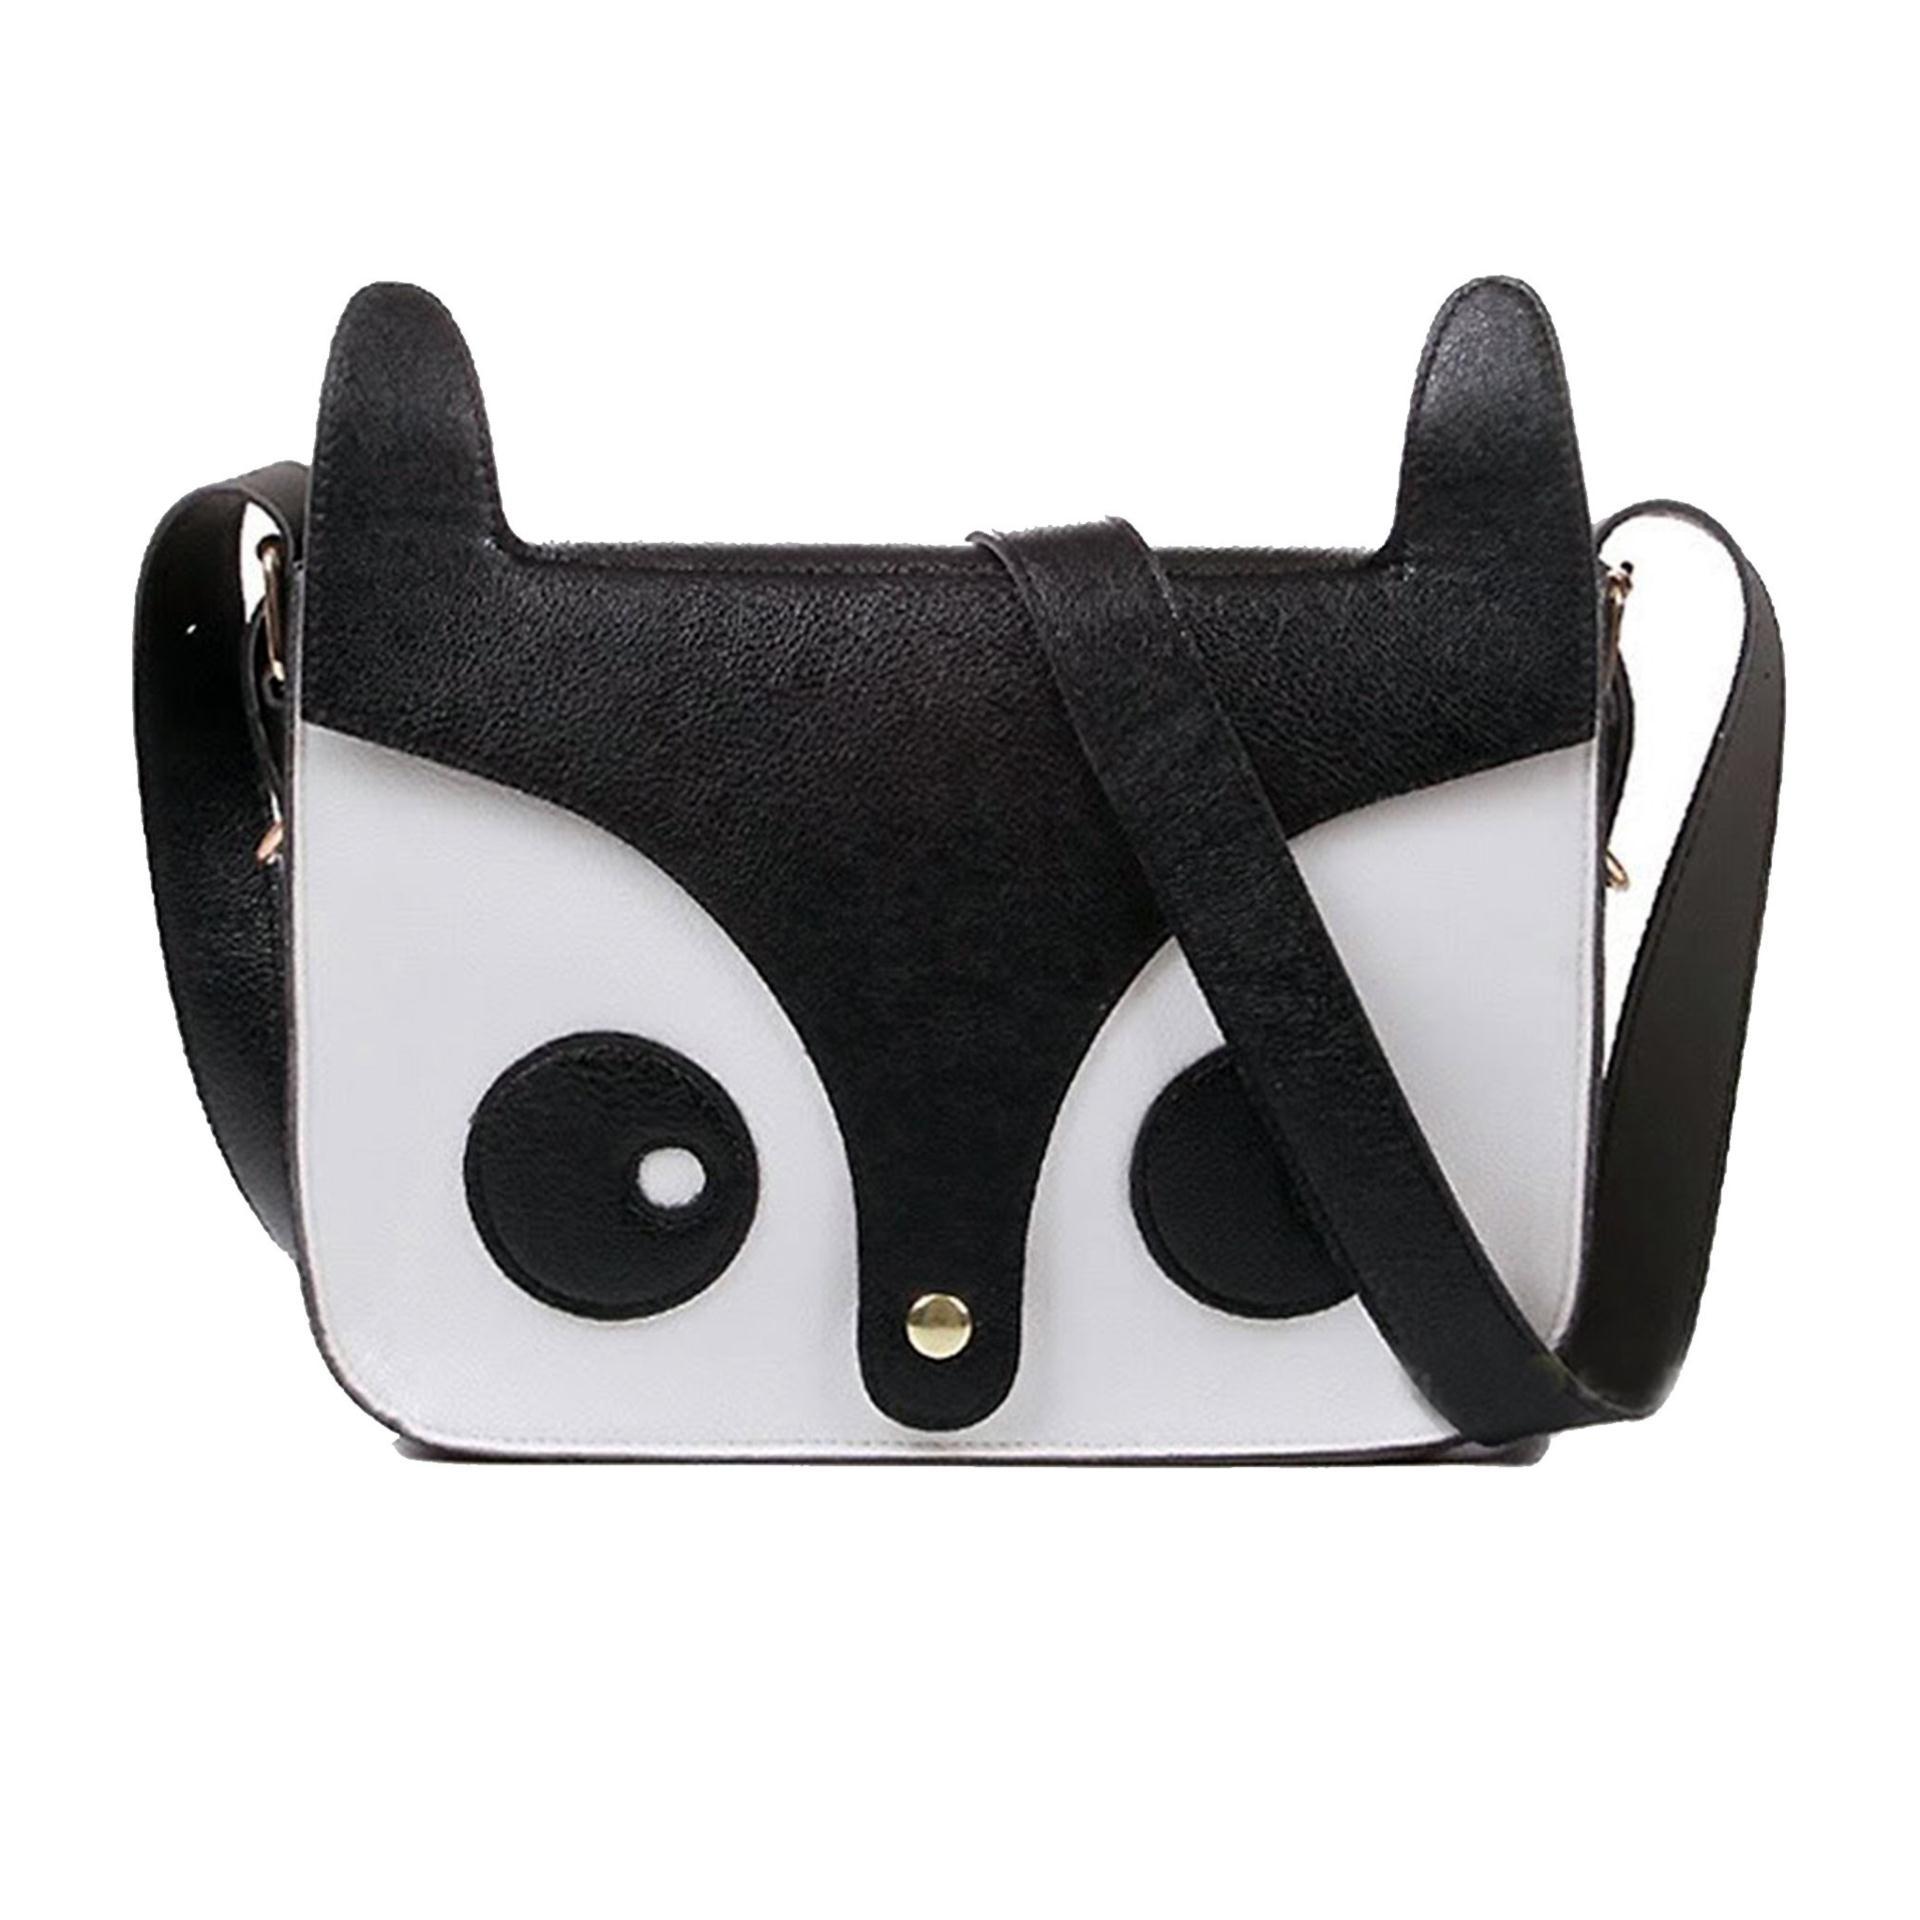 2014 New Fashion Leisure Women Ladies Retro Shoulder Bag Messenger Bags Cute School Fox PU Handbags(China (Mainland))